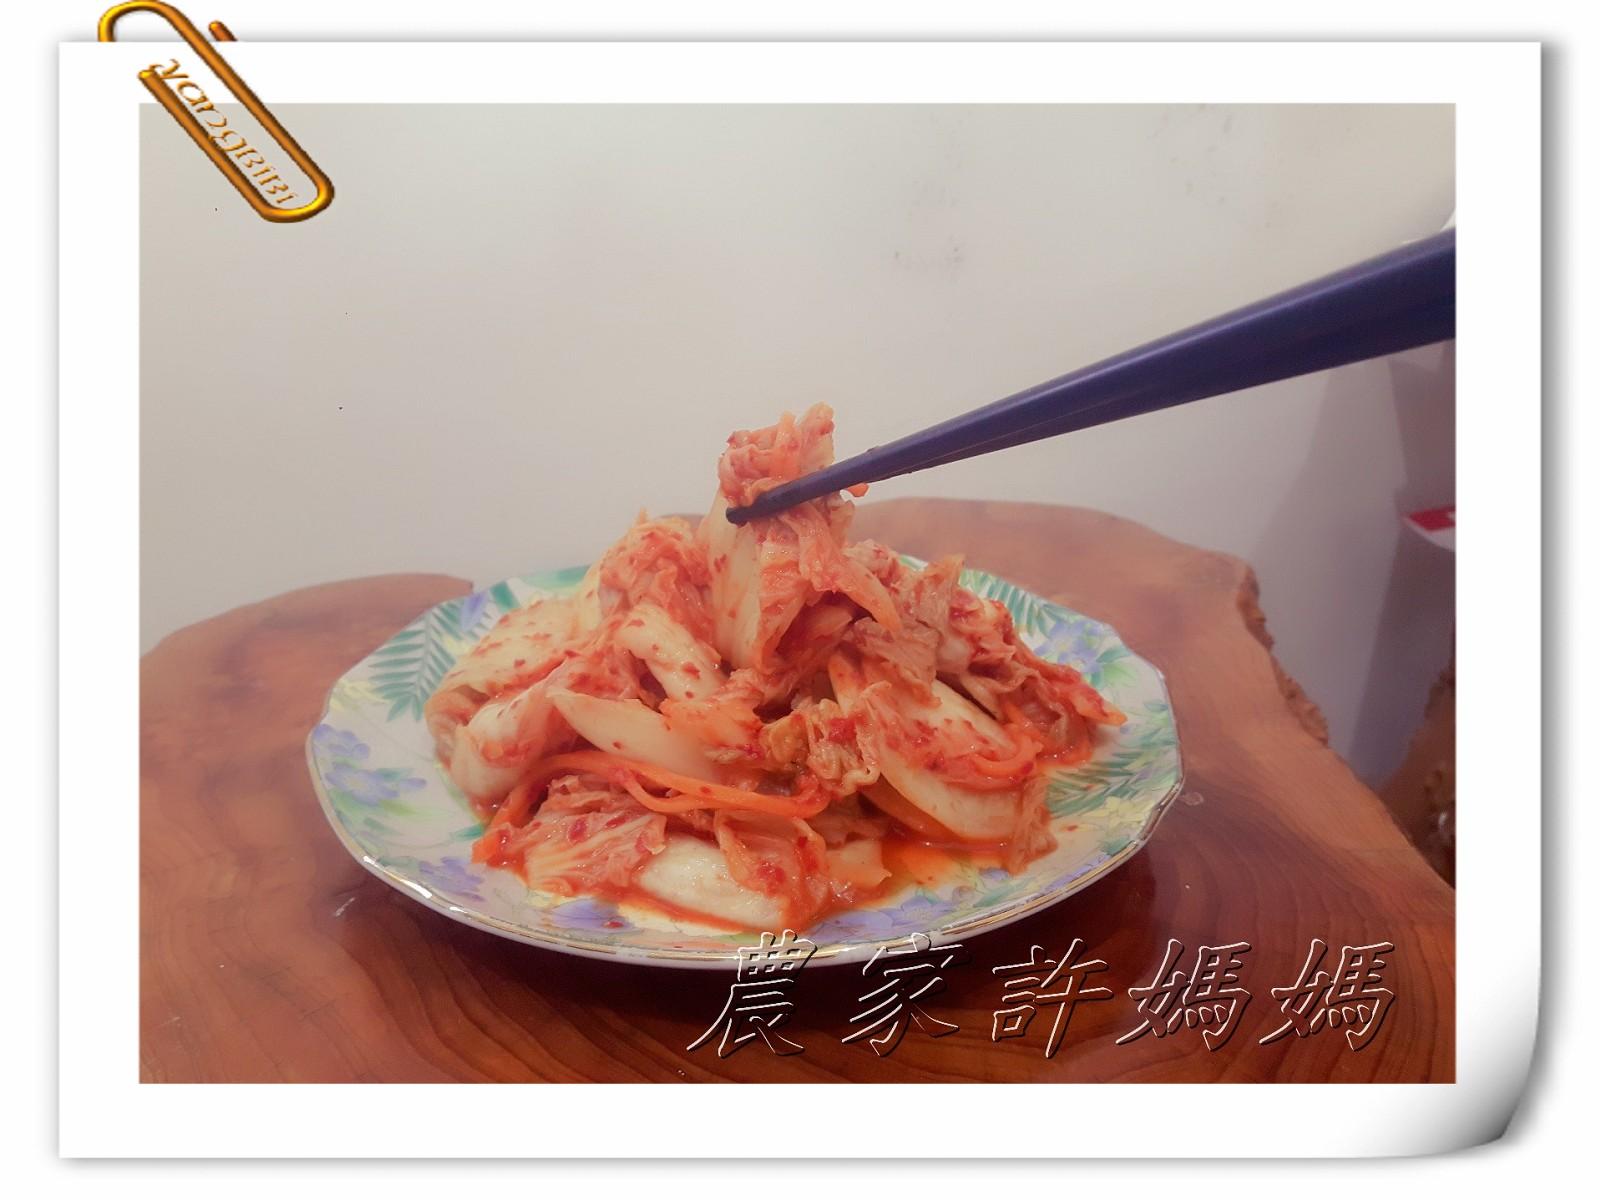 這就是饅頭夾的農家許媽媽韓式極品手工泡菜